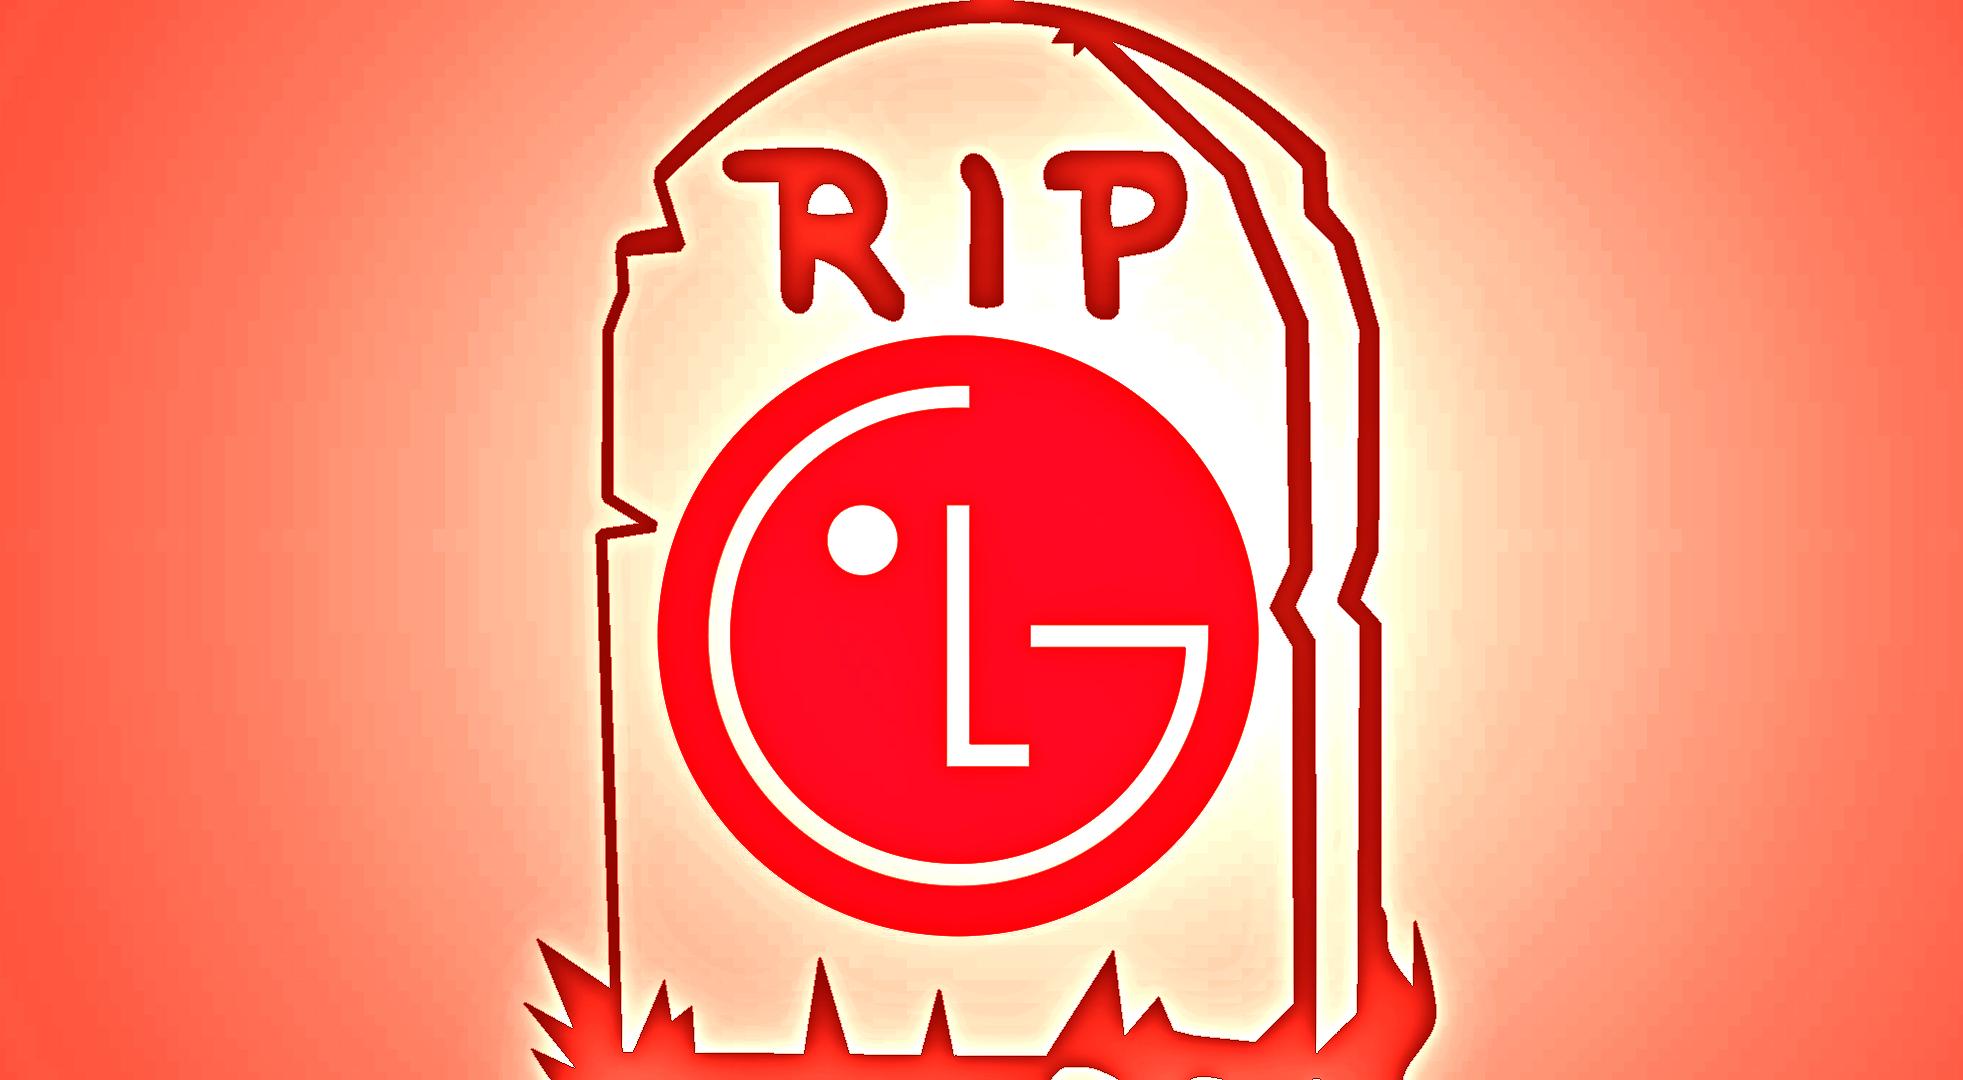 شرکت ال جی از بازار گوشیهای هوشمند کنار میکشد؟